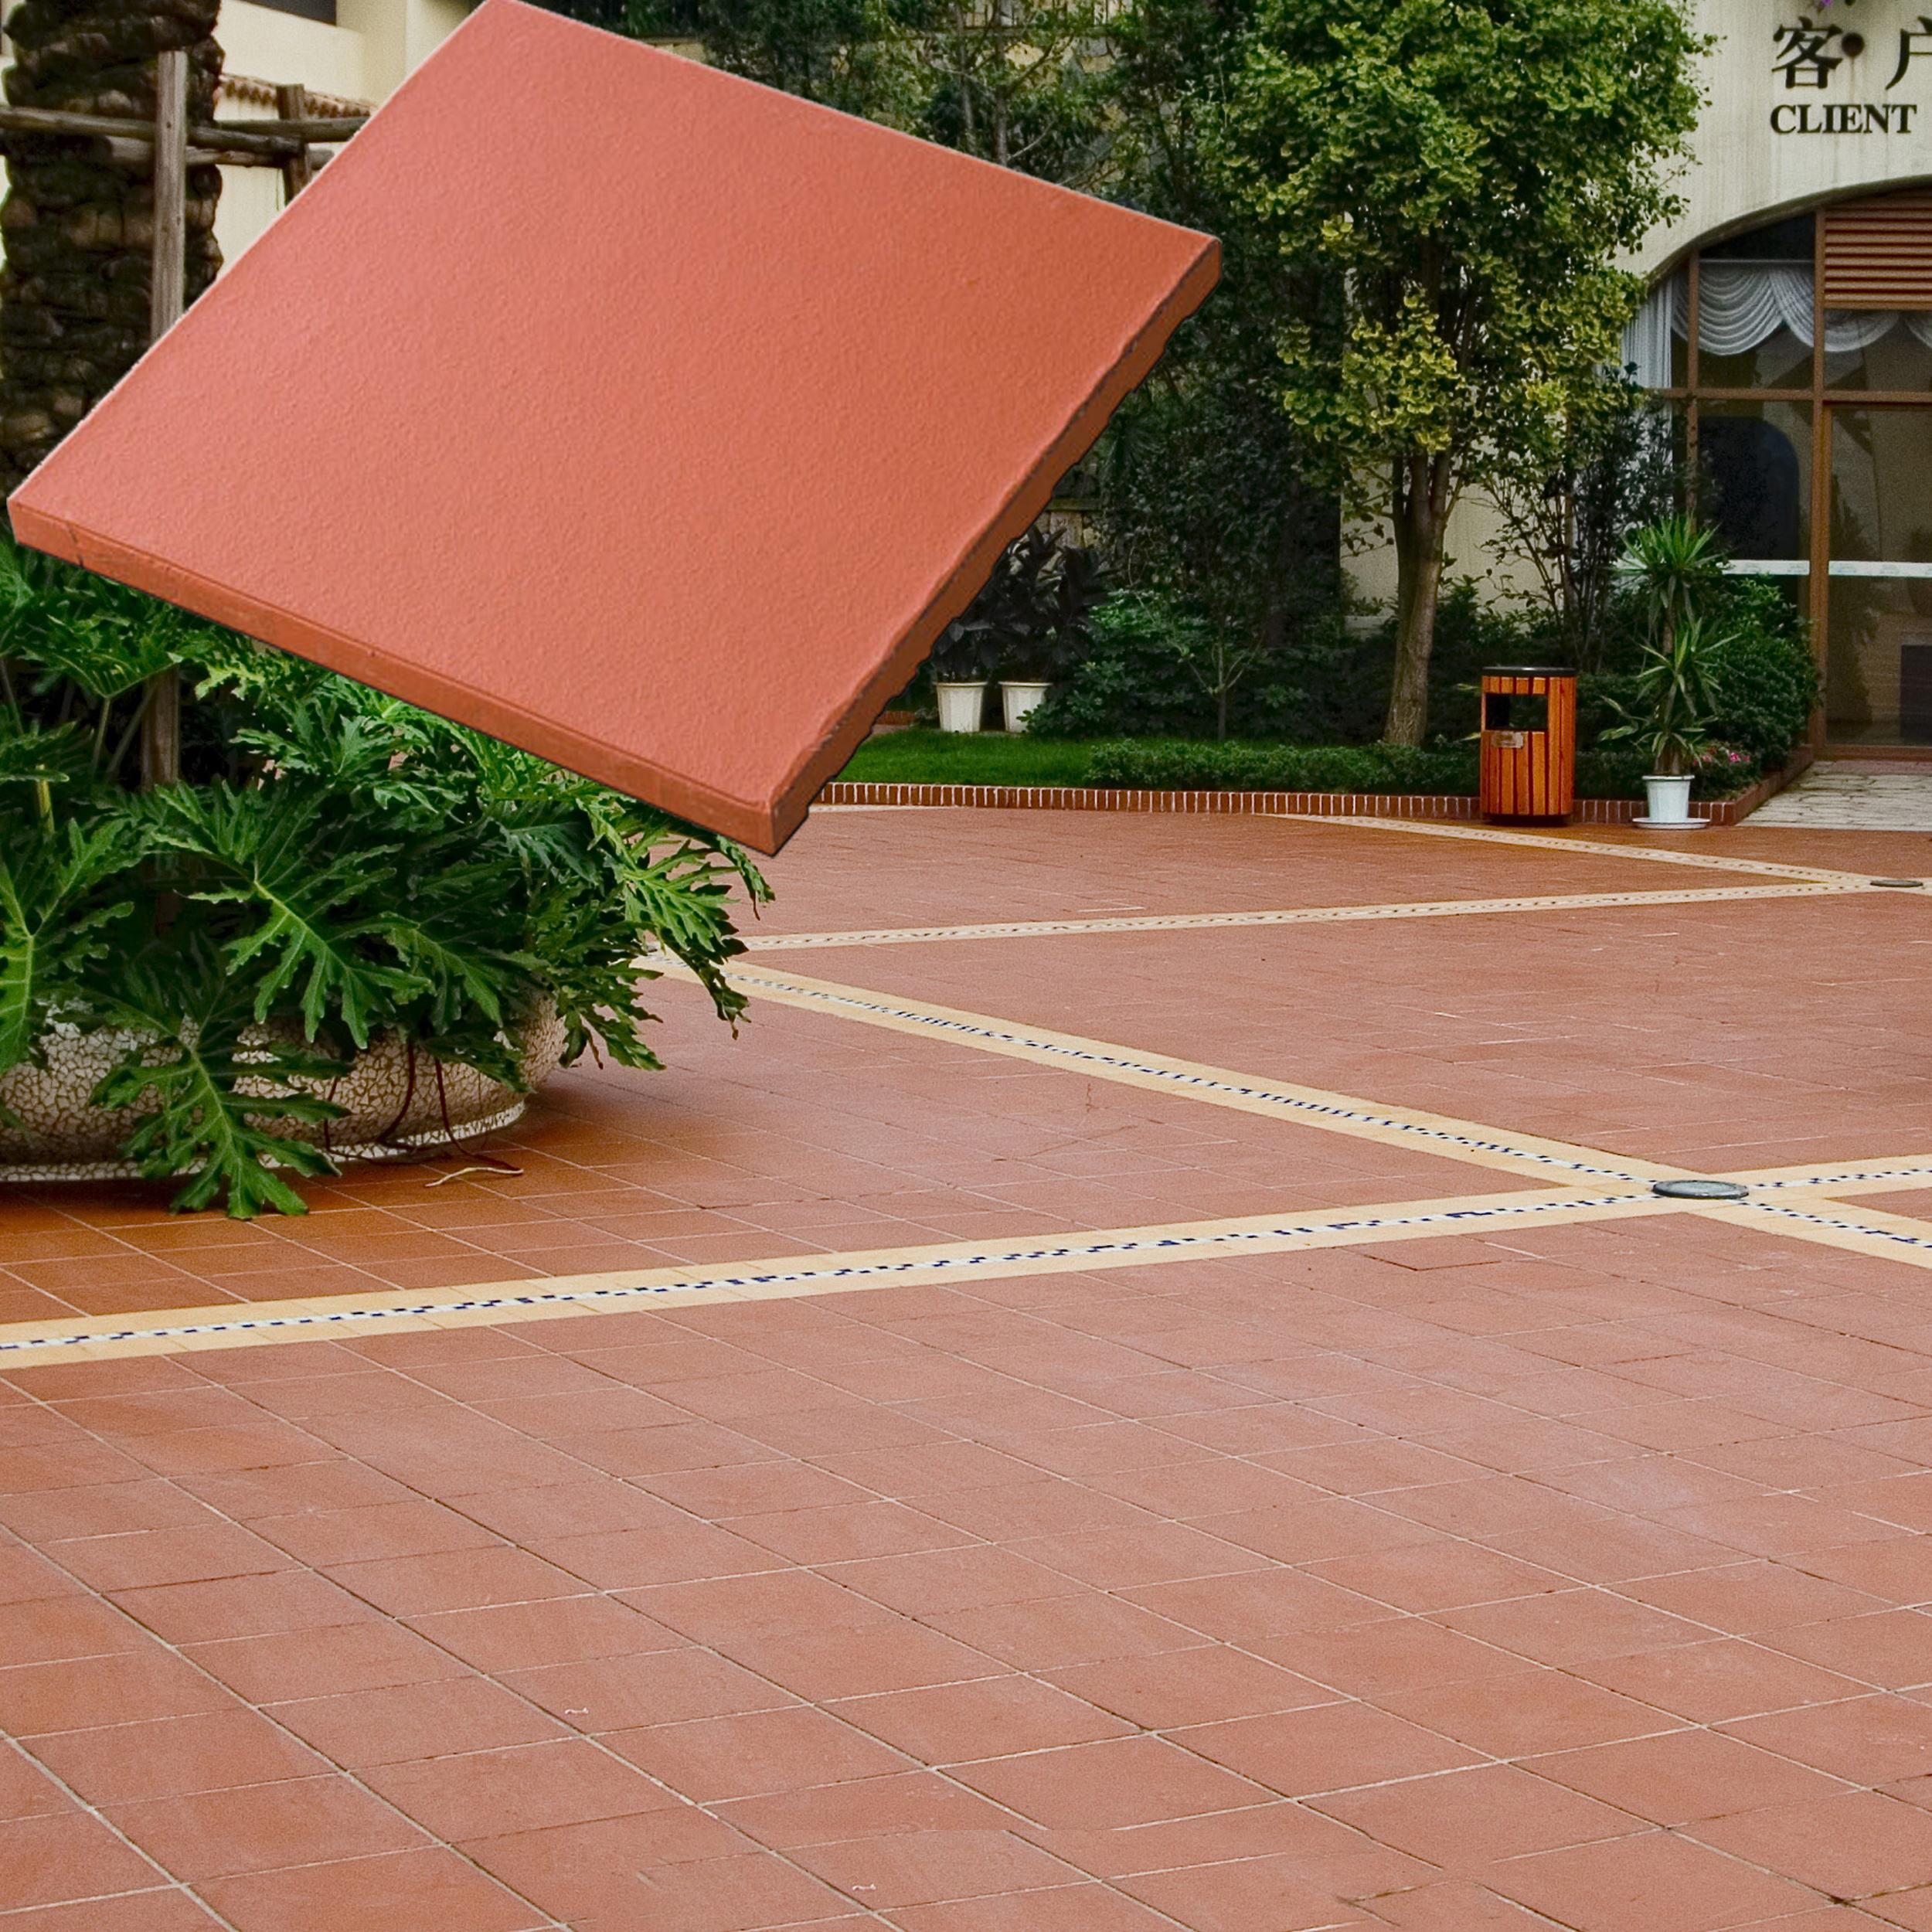 кирпичной напольной керамической двор плитки, фон для <span class=keywords><strong>фотограф</strong></span>ирования с изображением красной кирпичной плитки